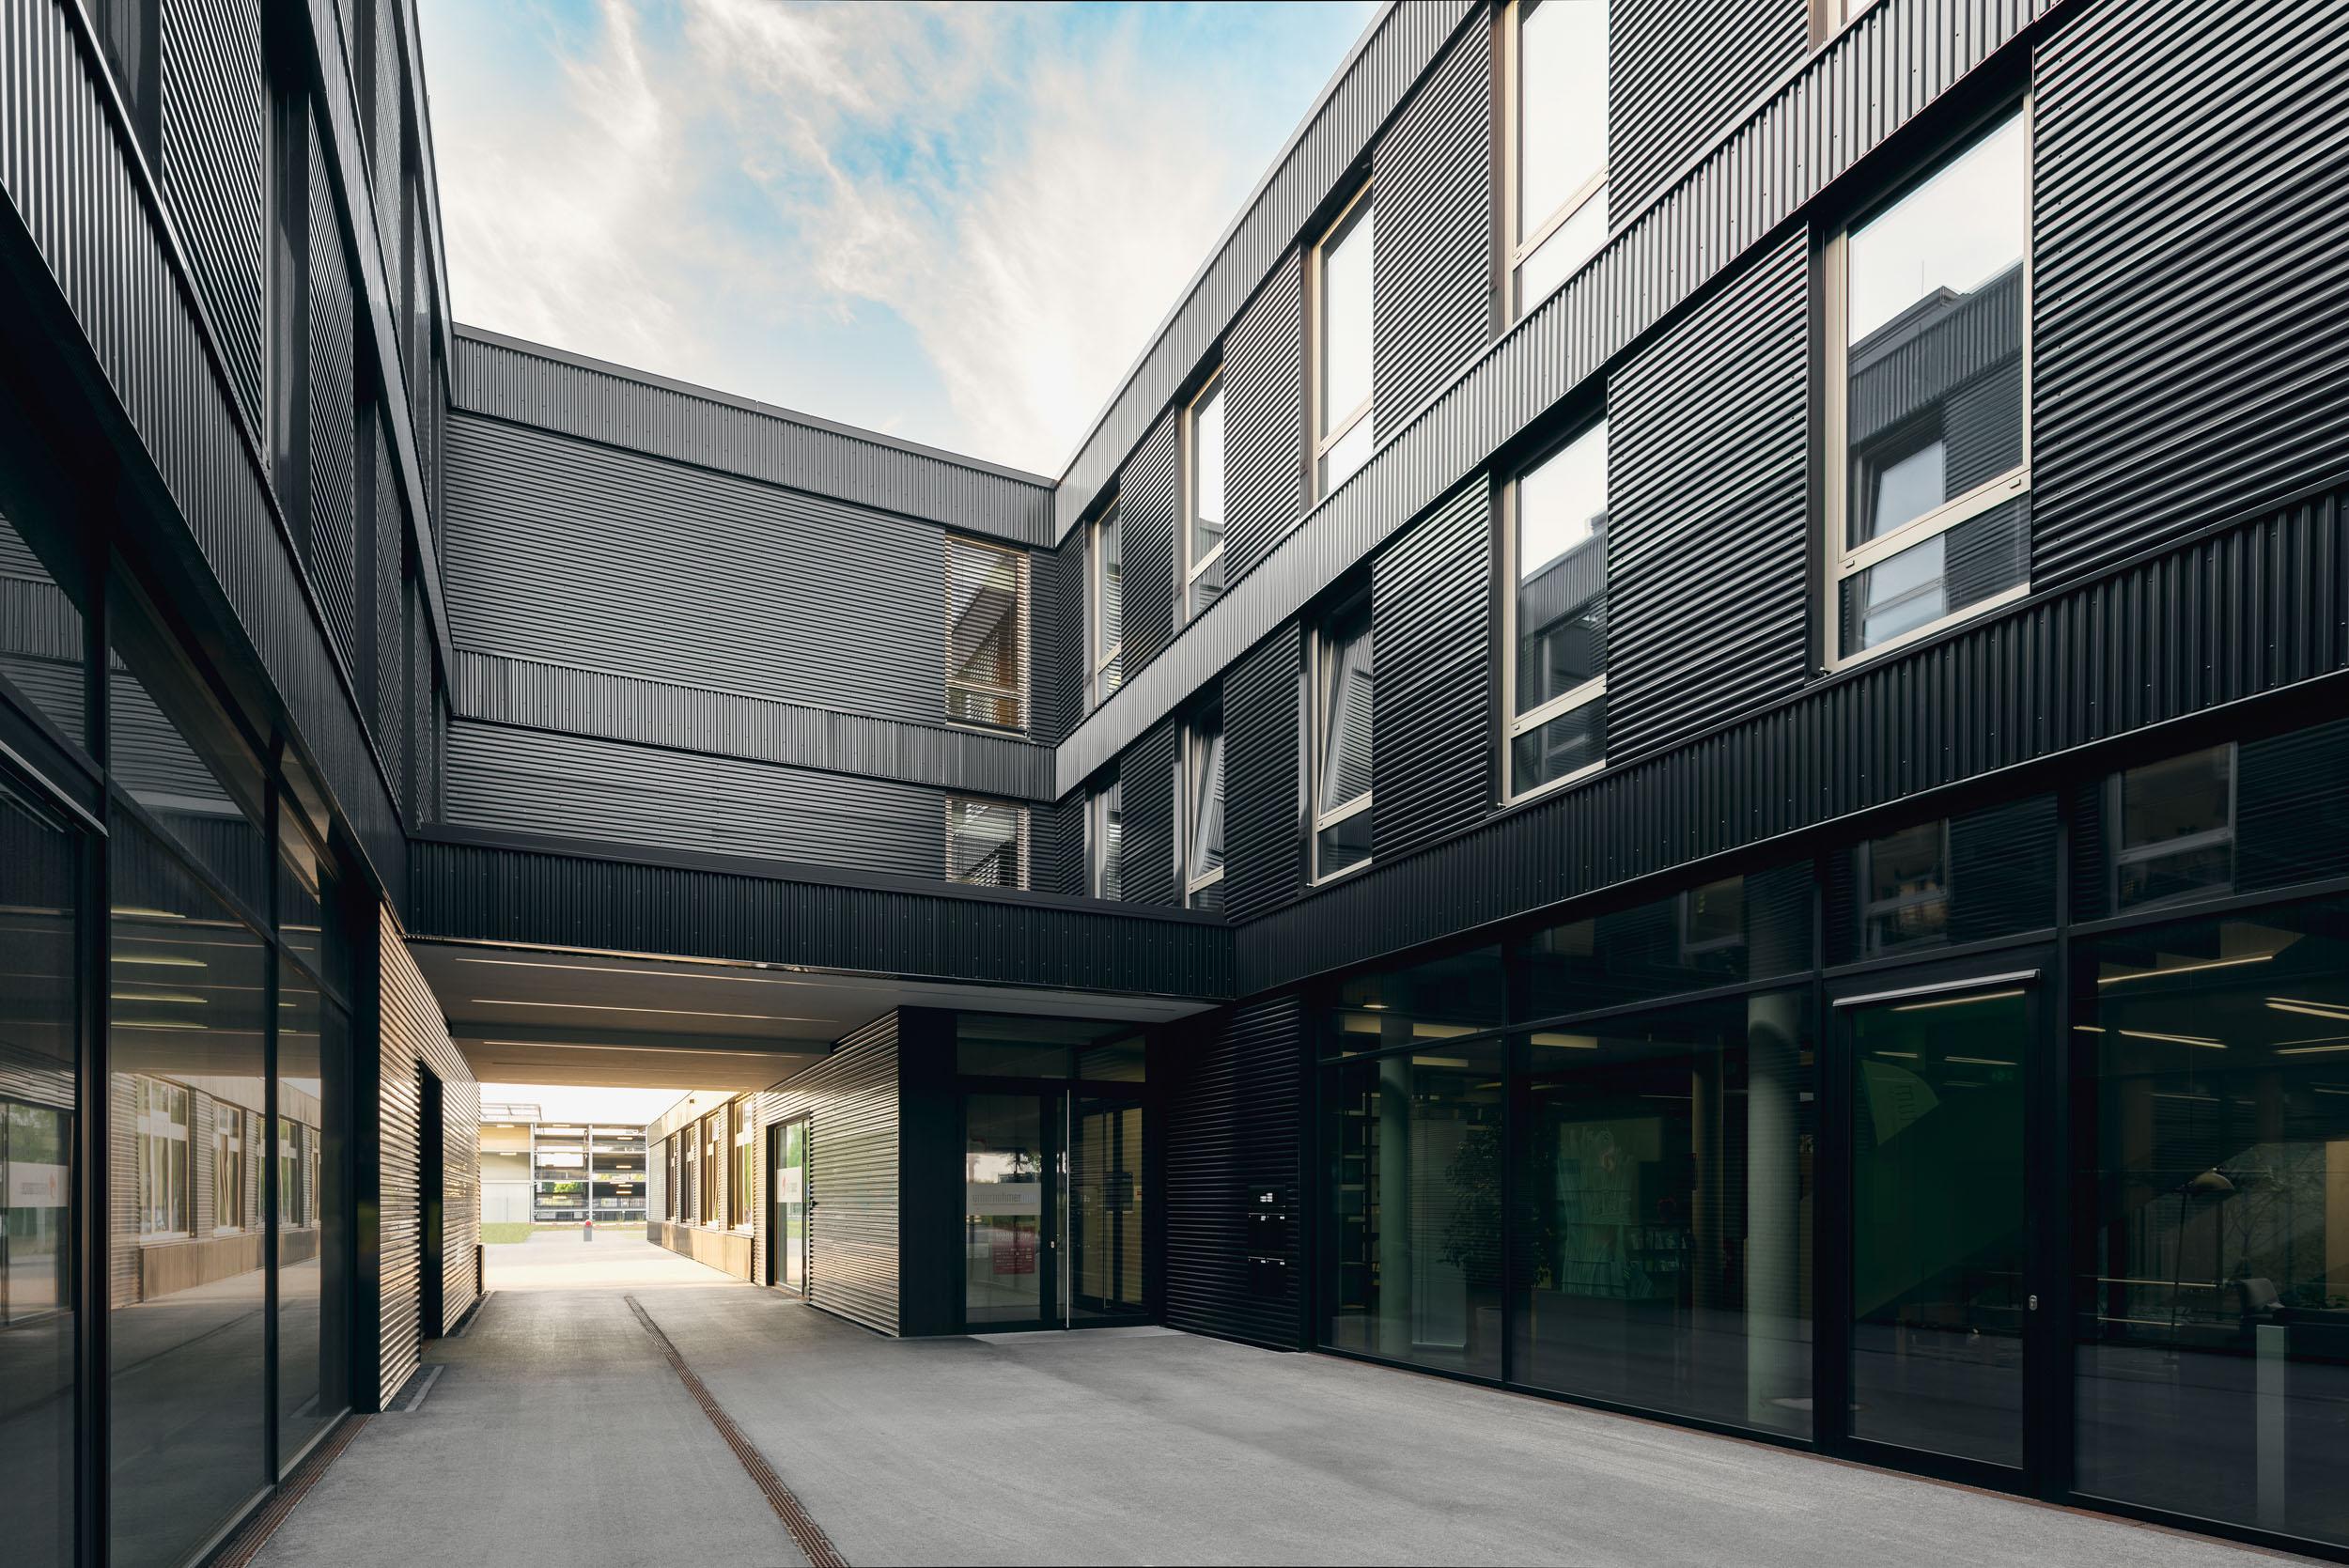 Gustav-Epple-Bauunternehmung-TUM-Campus-München_MLX4183